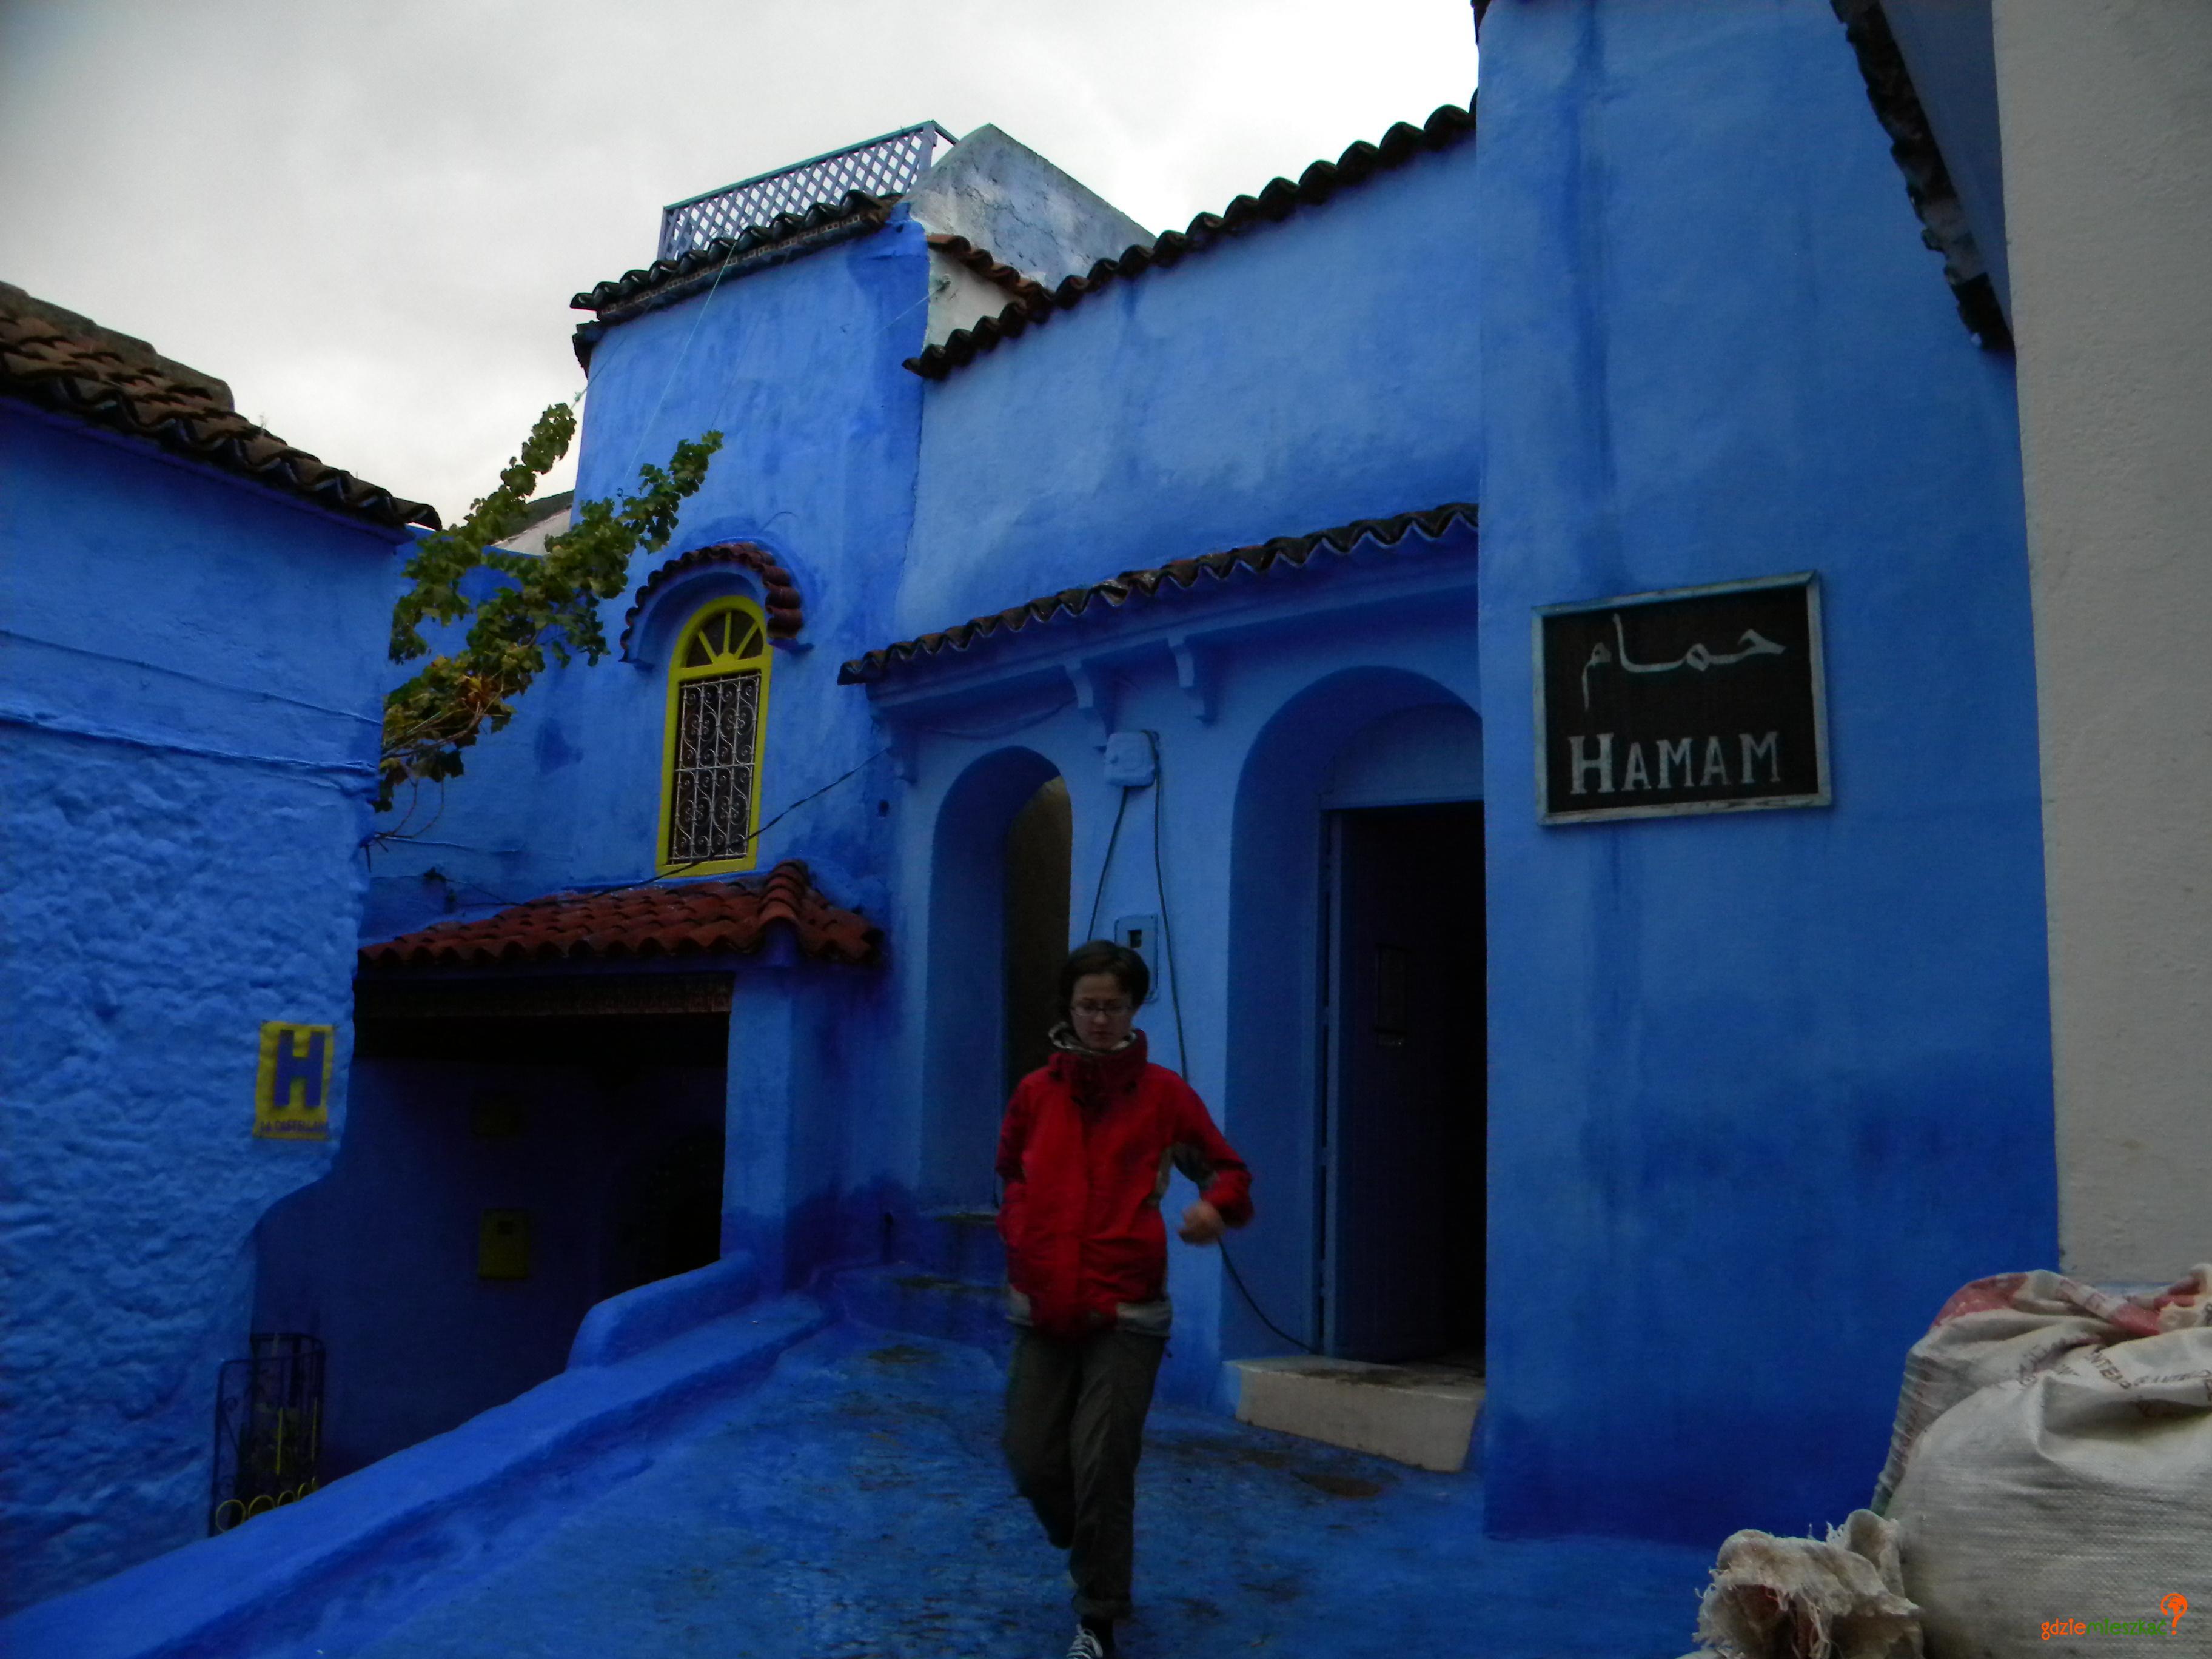 W marokańskim Szafszawanie można też zwiedzić łaźnie (hamam)